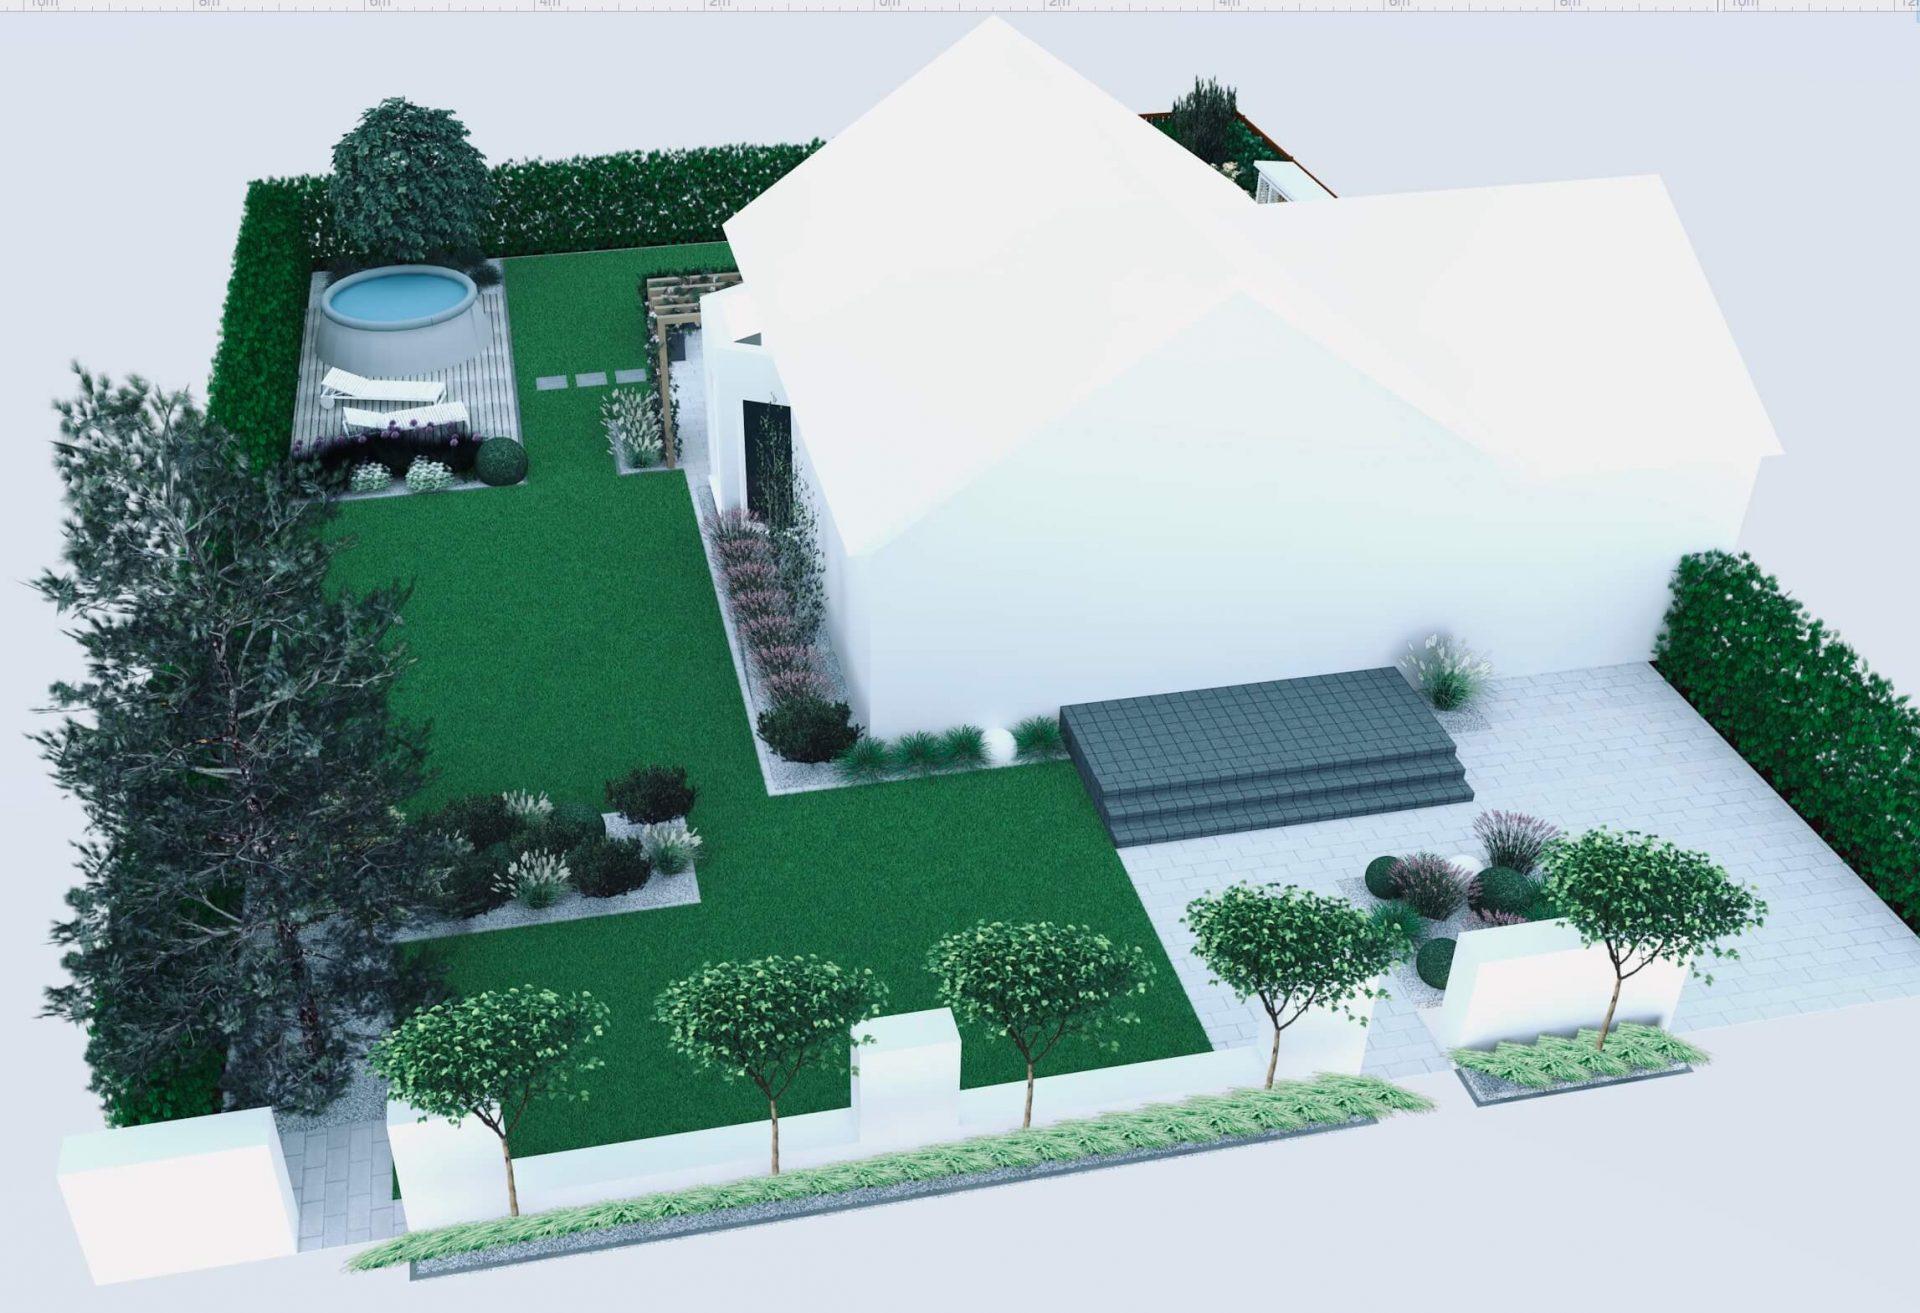 Katalpy nana, wizualizacja ogrodu, trawnik, lawendy